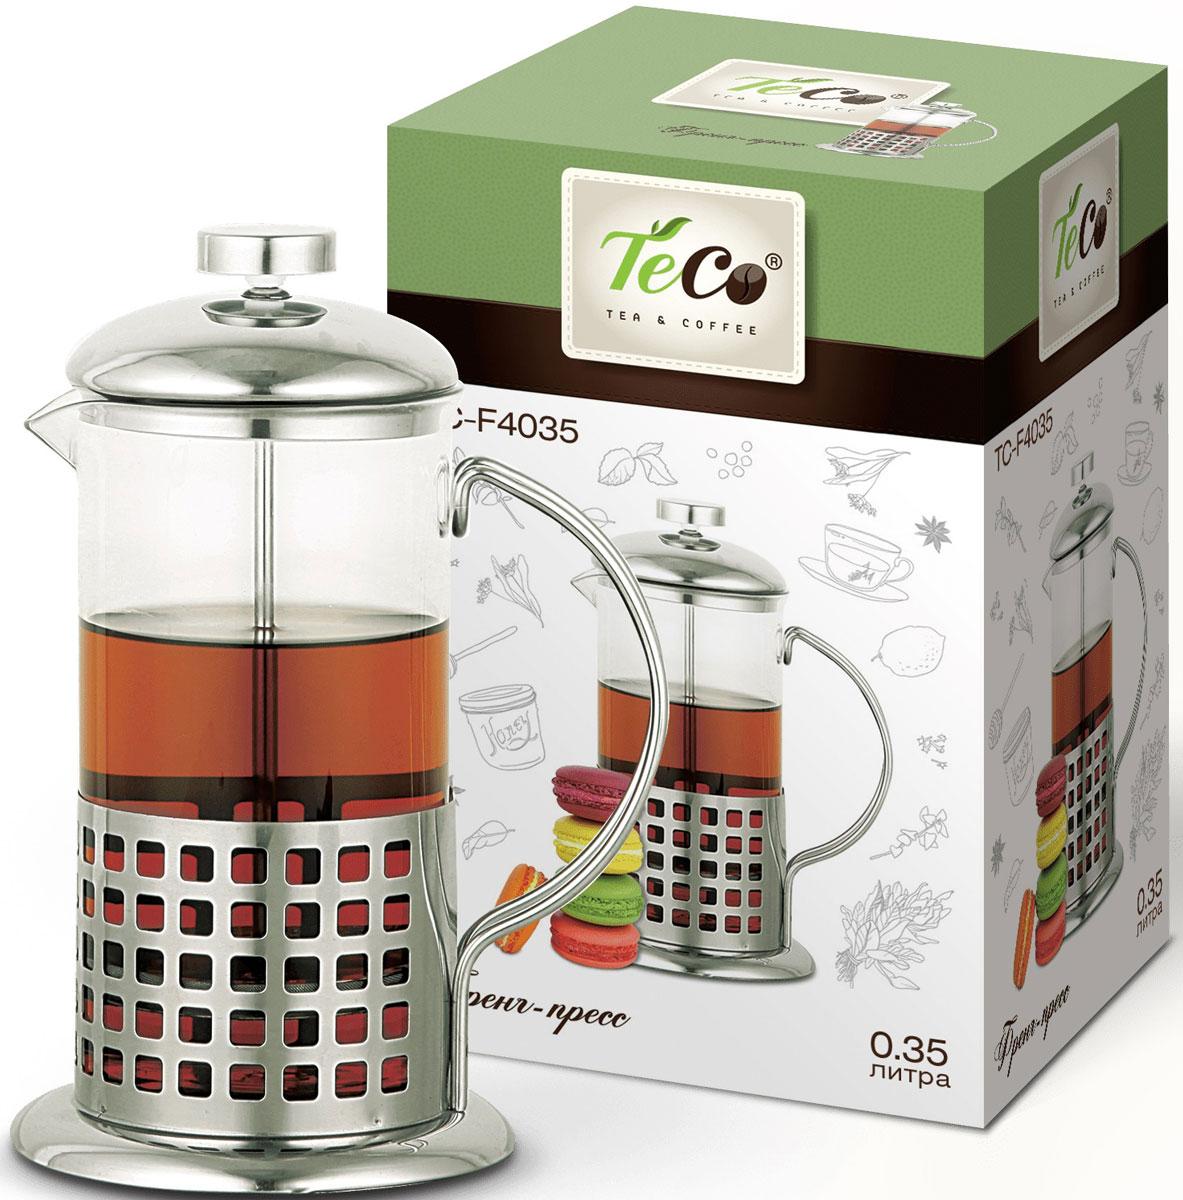 Френч-пресс Teco, цвет: серебристый, 0,35 л. TС-F4035 френч пресс teco tс f3035 0 35л металл стекло серебристый прозрачный